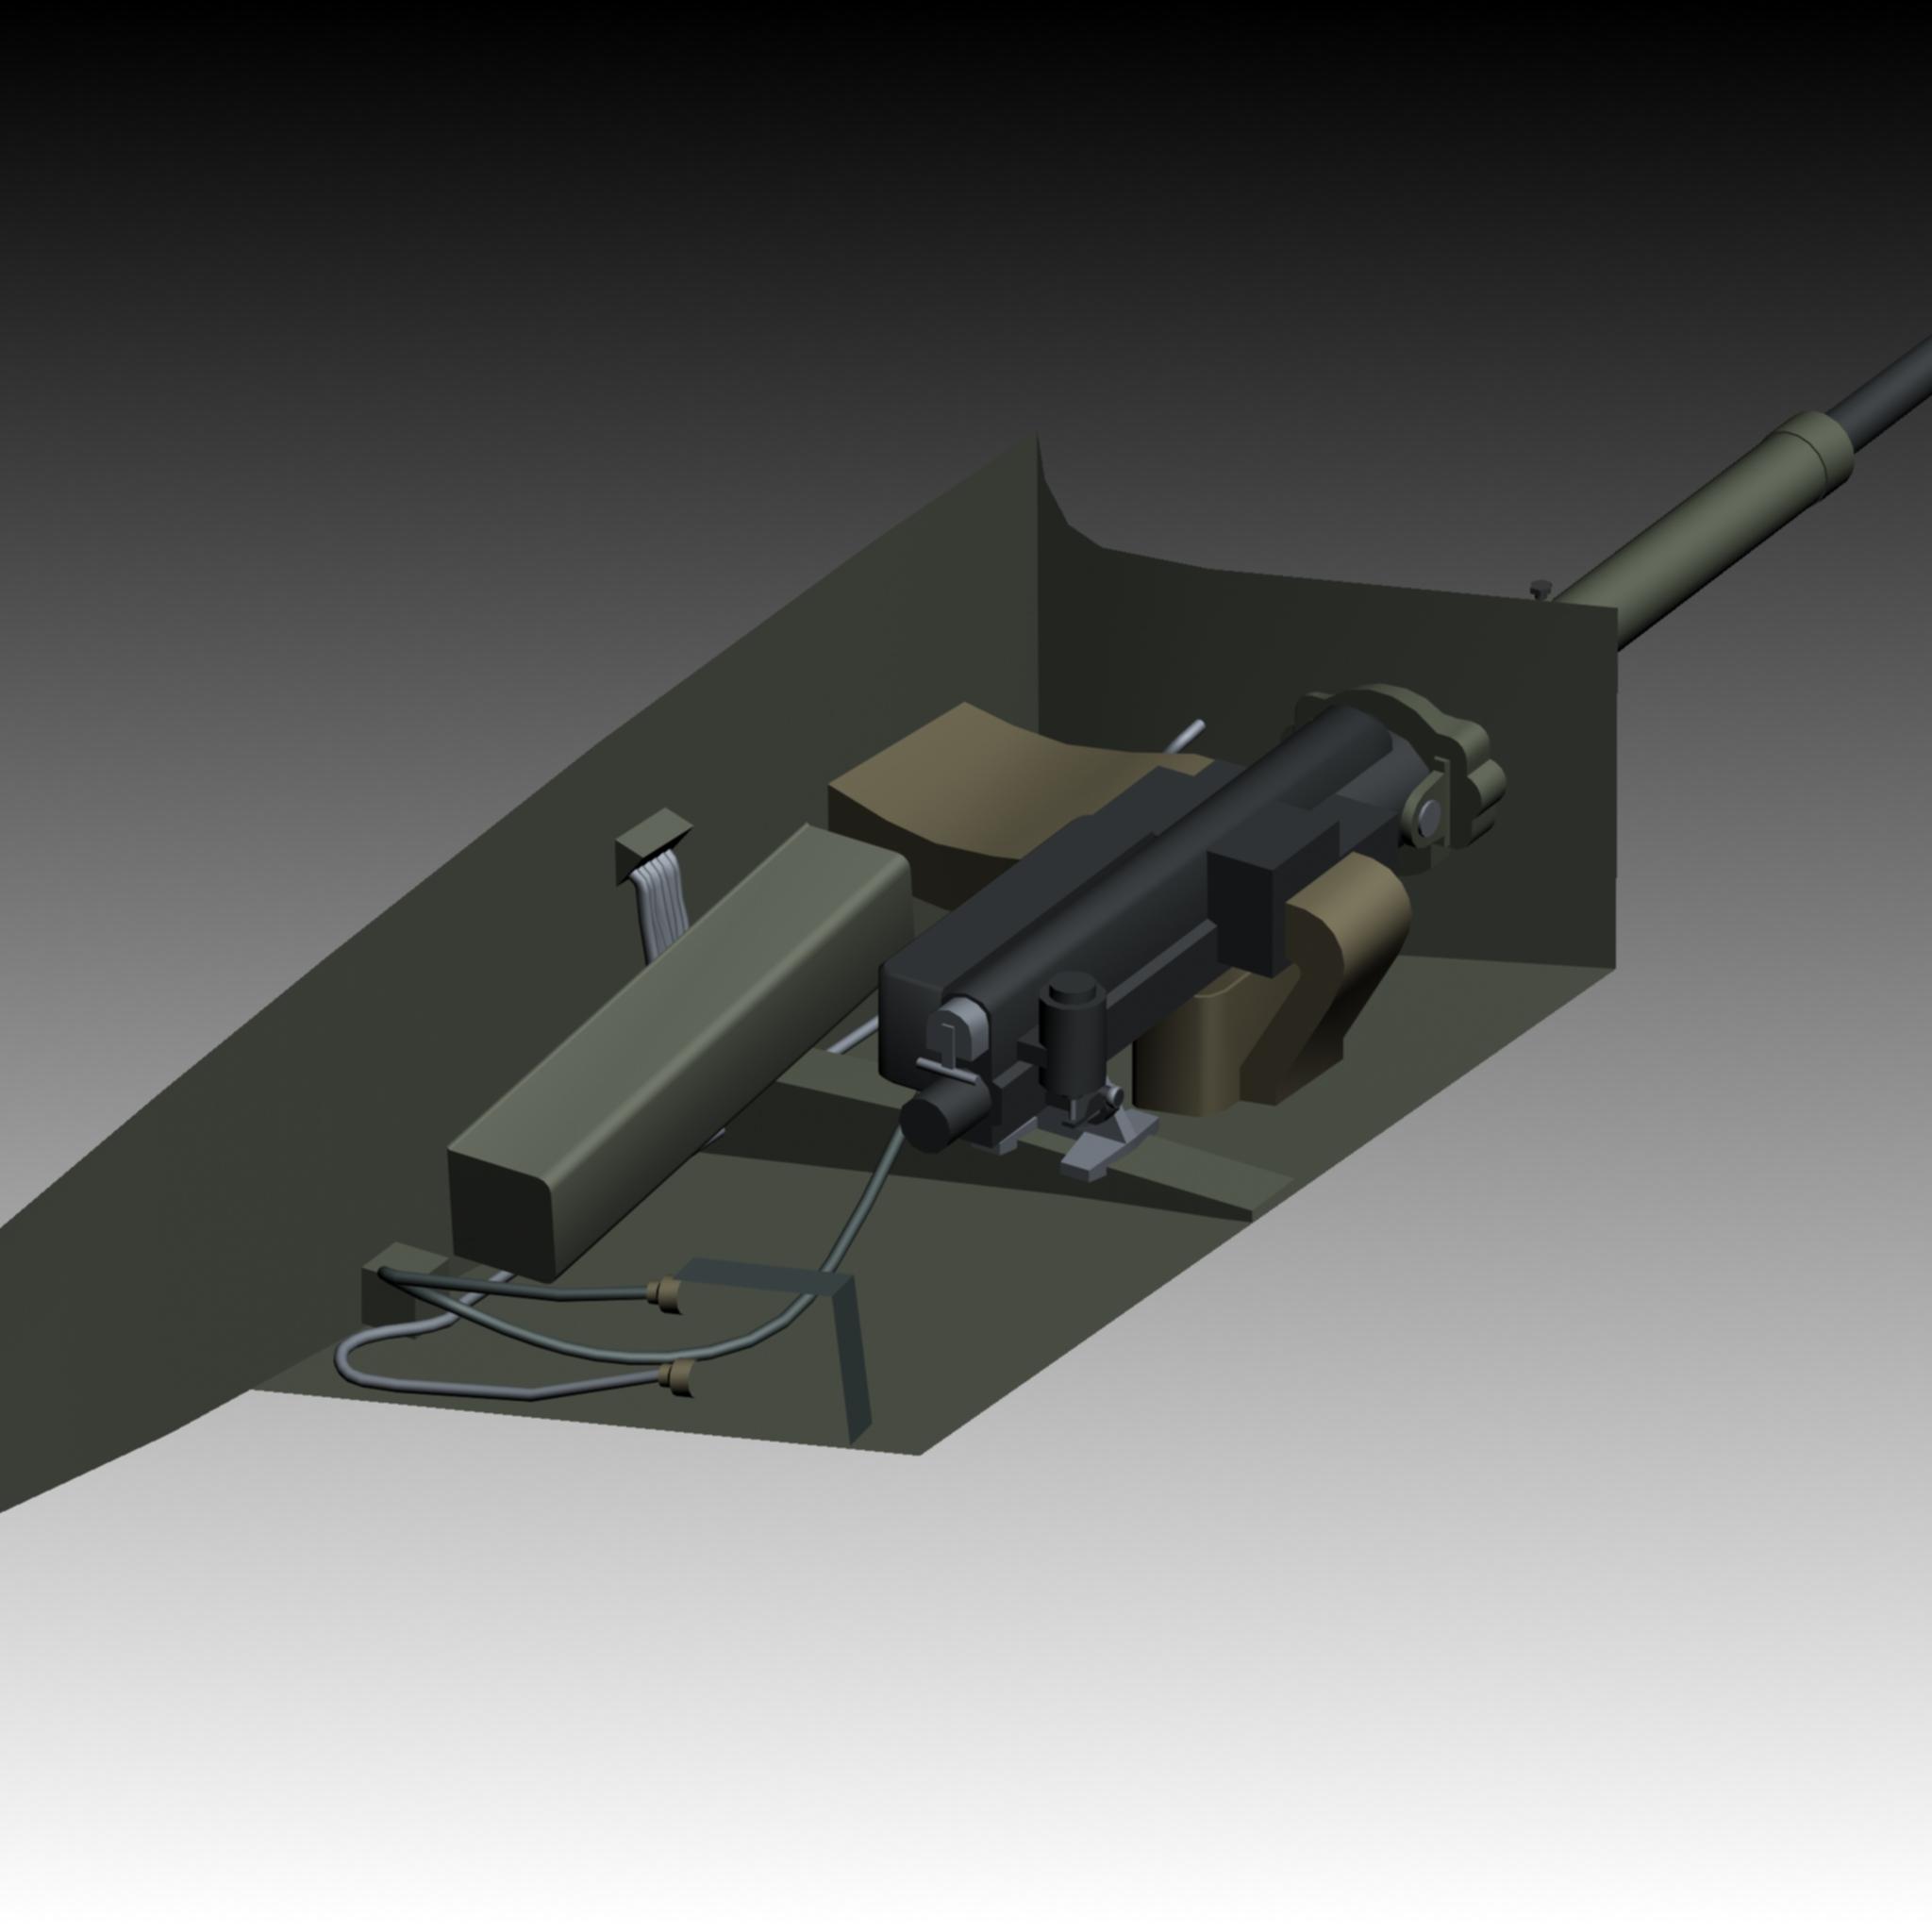 MG151-05.jpg